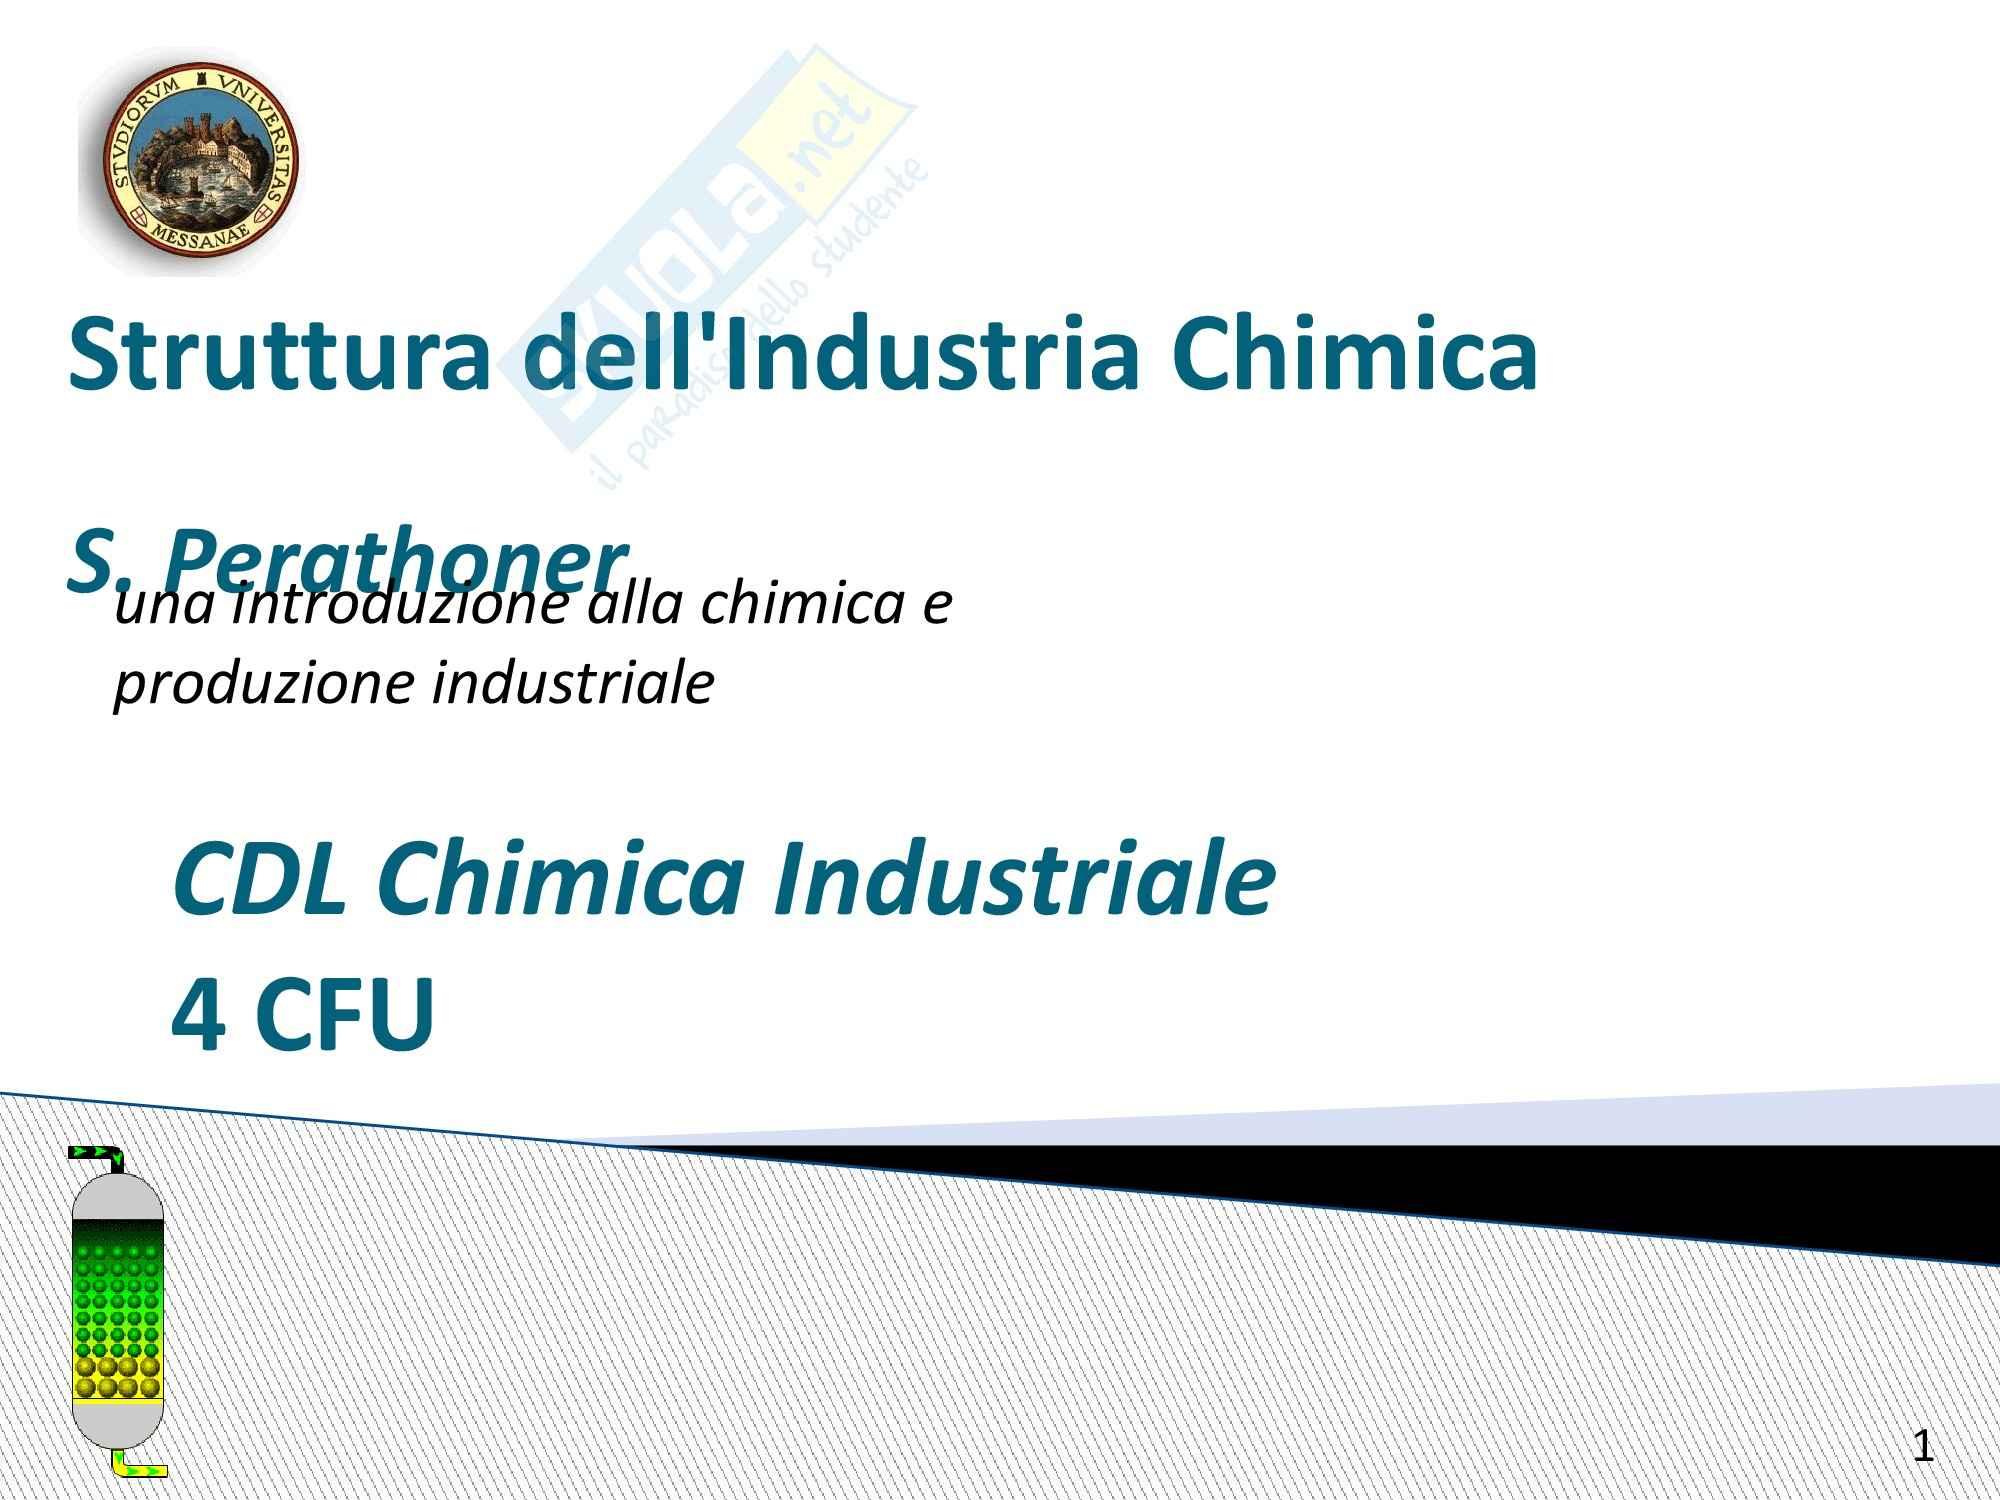 Chimica industriale - struttura dell'industria chimica